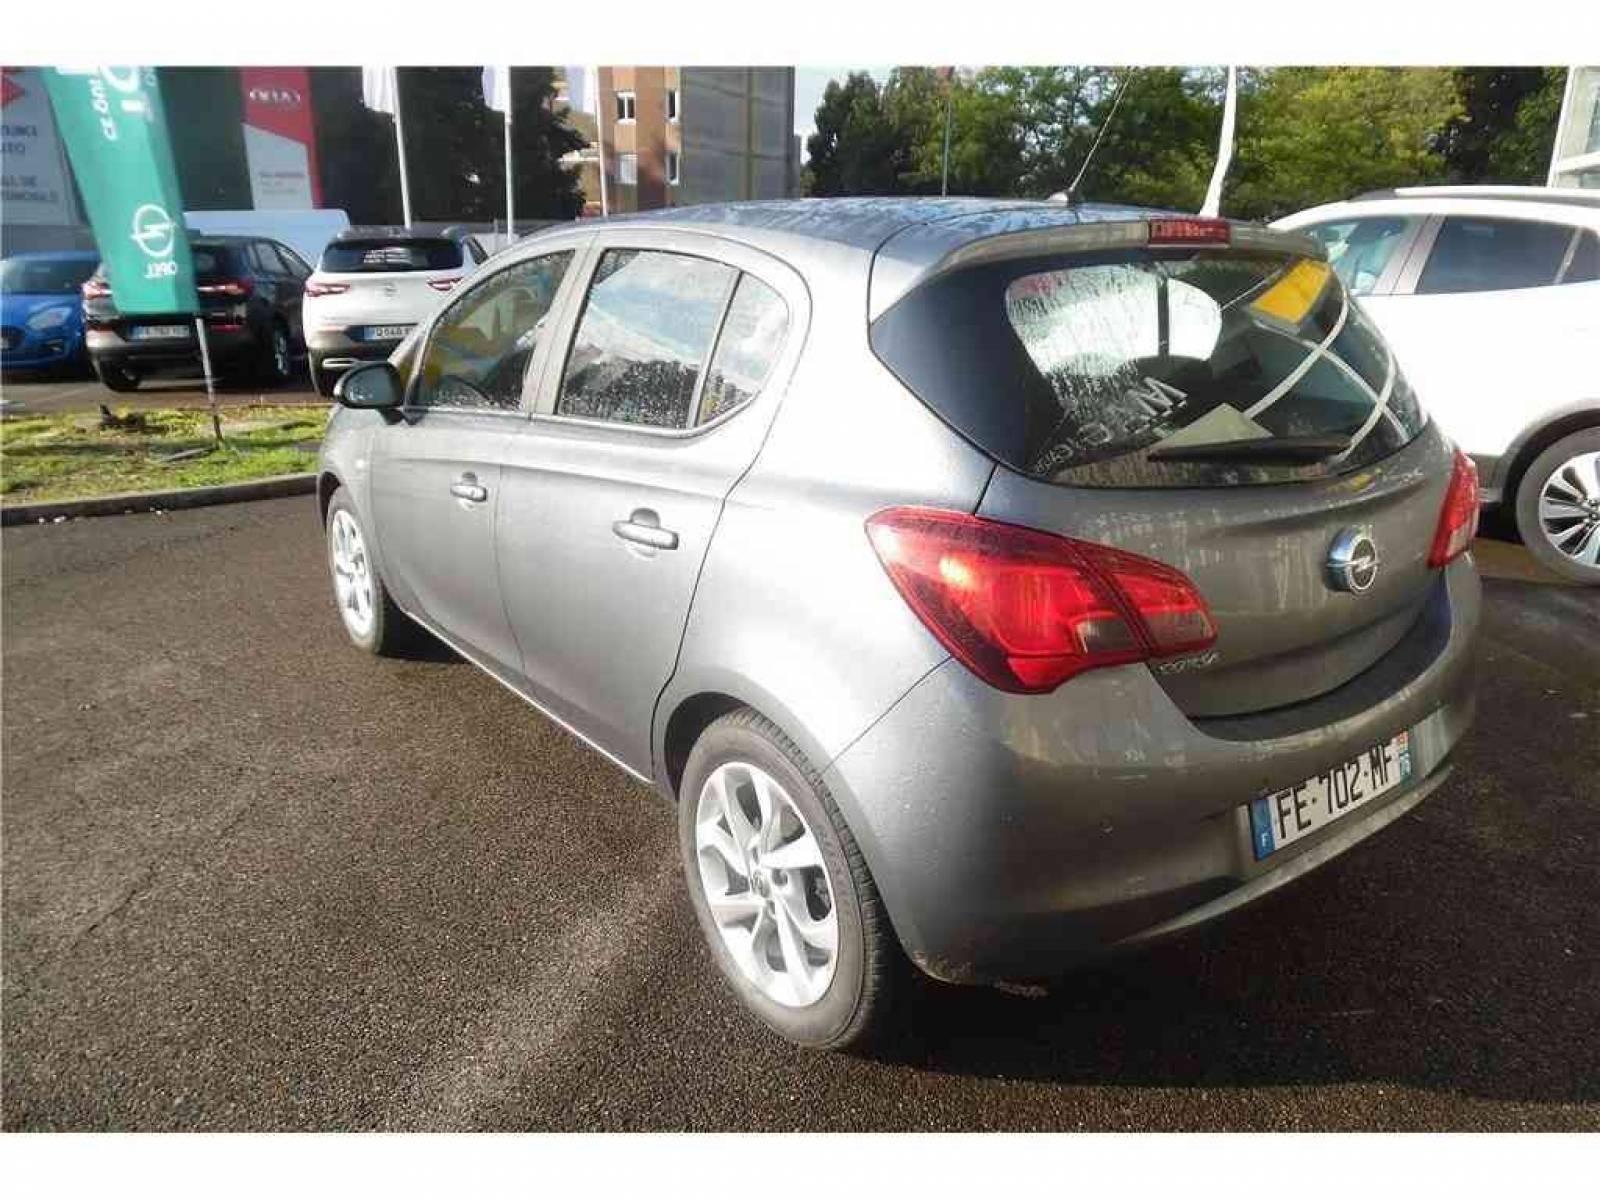 OPEL Corsa 1.4 90 ch - véhicule d'occasion - Groupe Guillet - Opel Magicauto - Montceau-les-Mines - 71300 - Montceau-les-Mines - 24